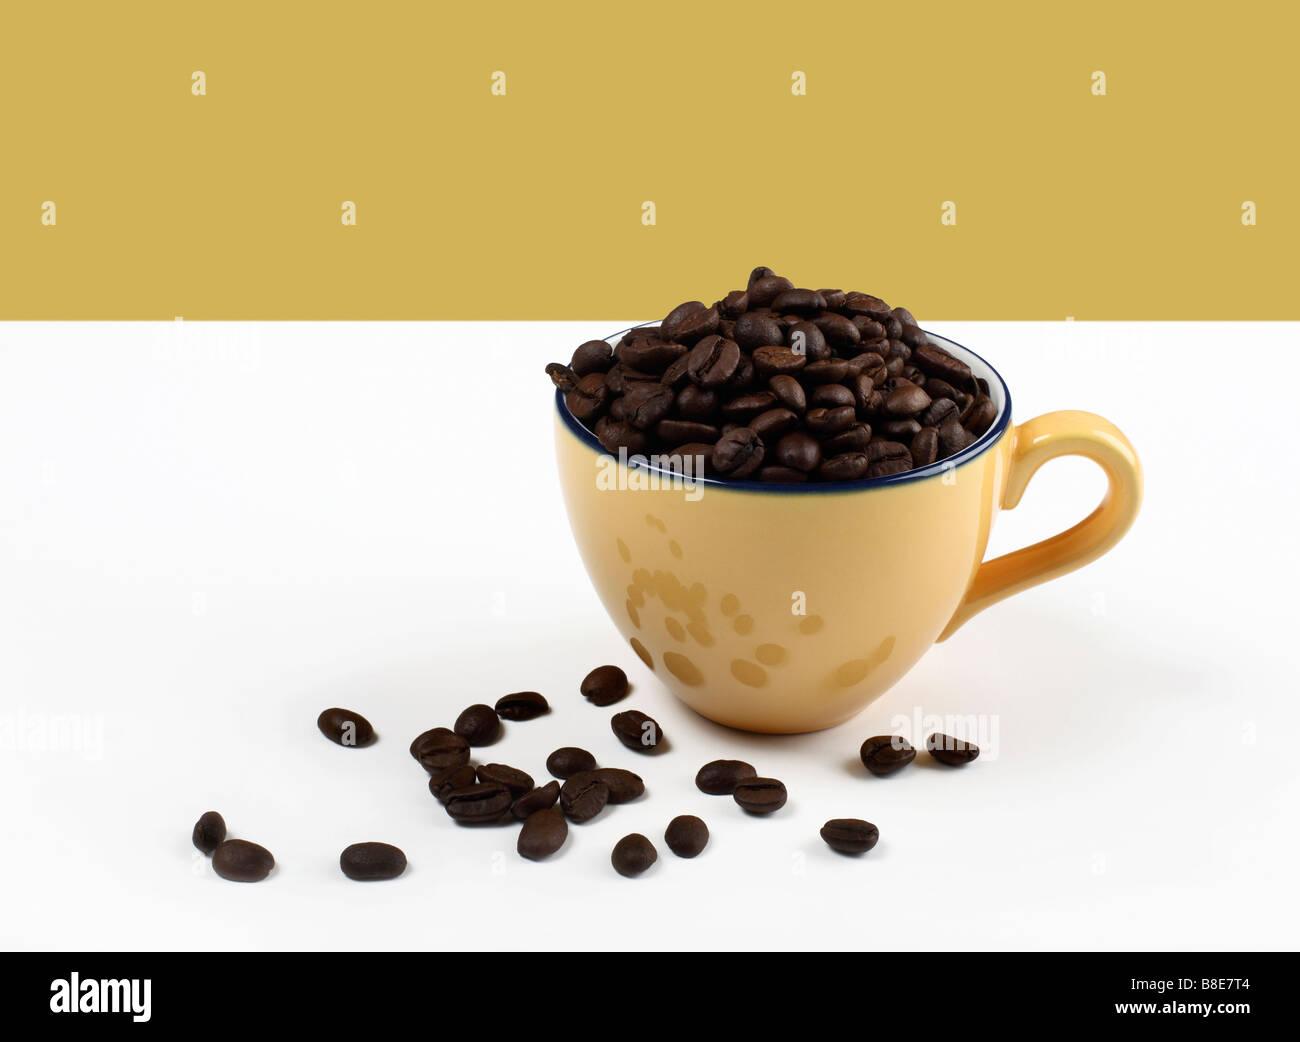 Tazza di caffè riempiti con i chicchi di caffè Immagini Stock